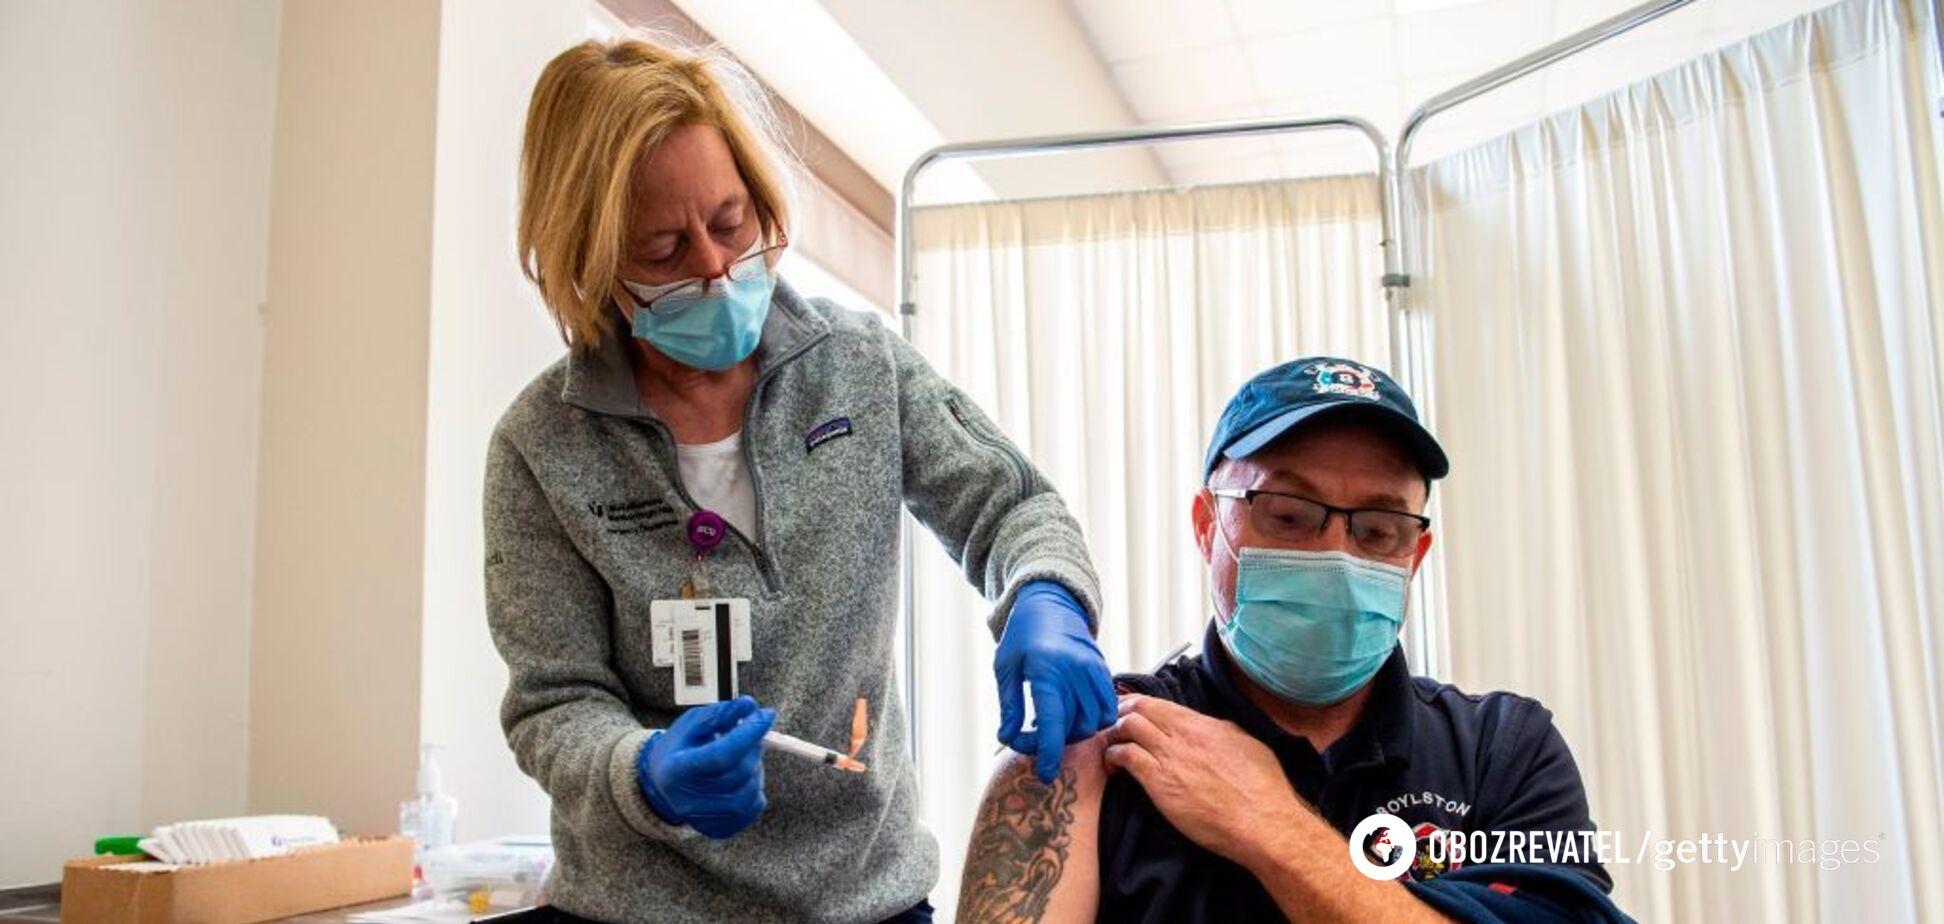 В Moderna дали прогноз по срокам завершения пандемии коронавируса